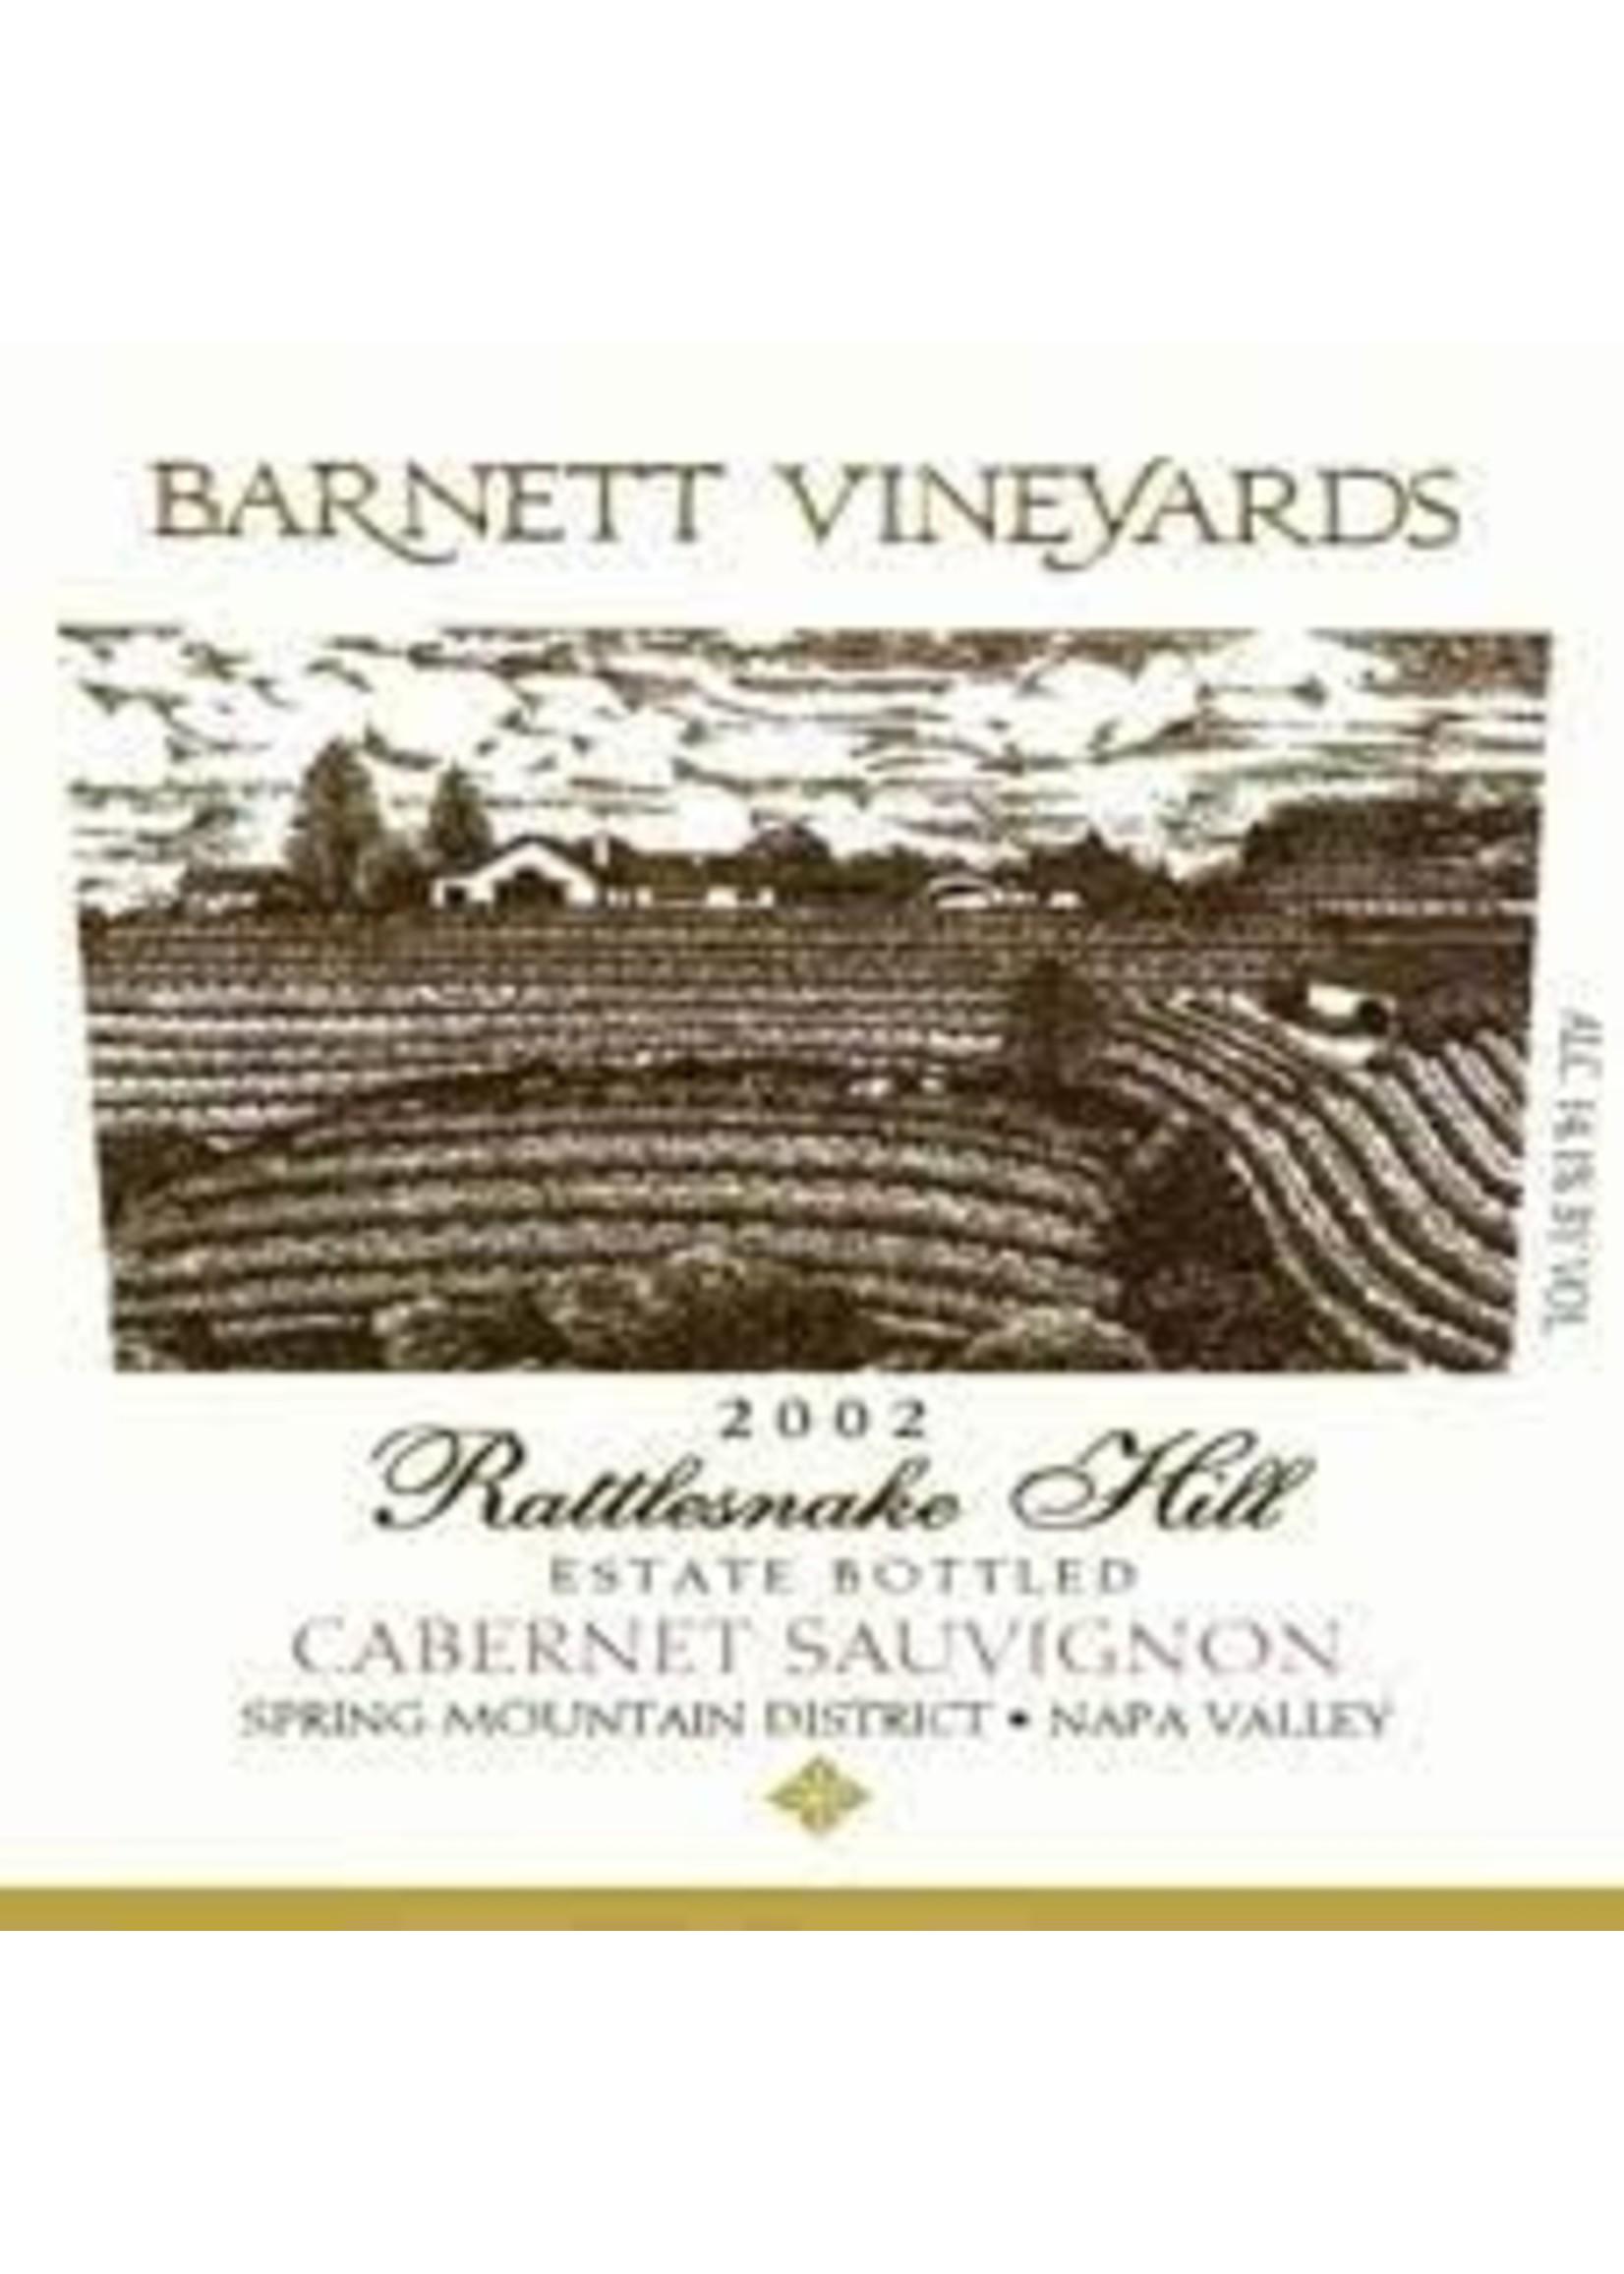 Barnett Vineyards 2002 Cabernet Sauvignon Rattlesnake Hill 6.0L [PRE-ARRIVAL]